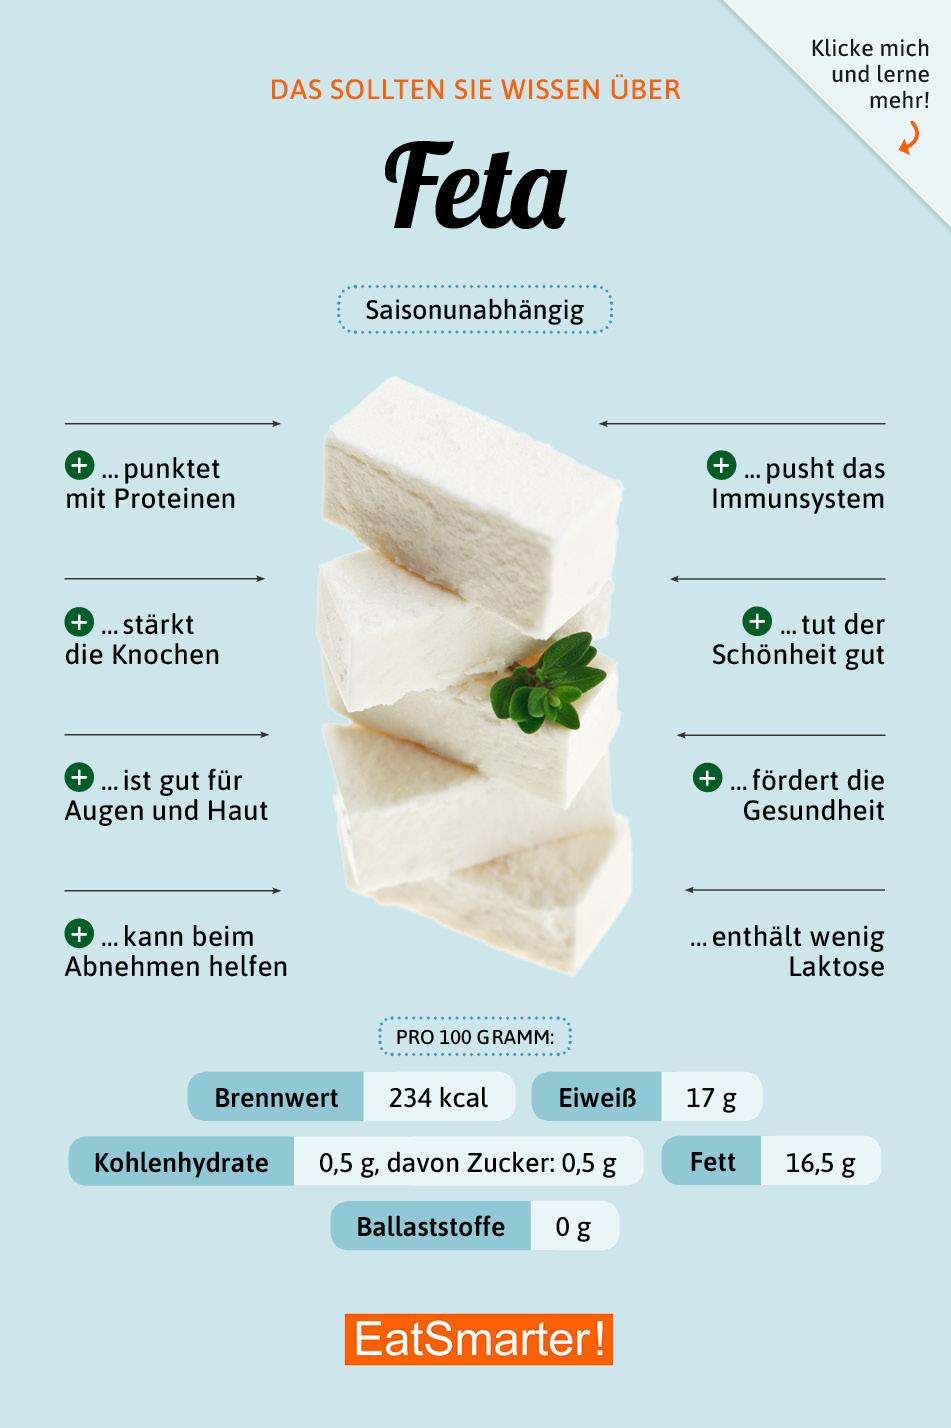 wie viel gramm fett beim abnehmen